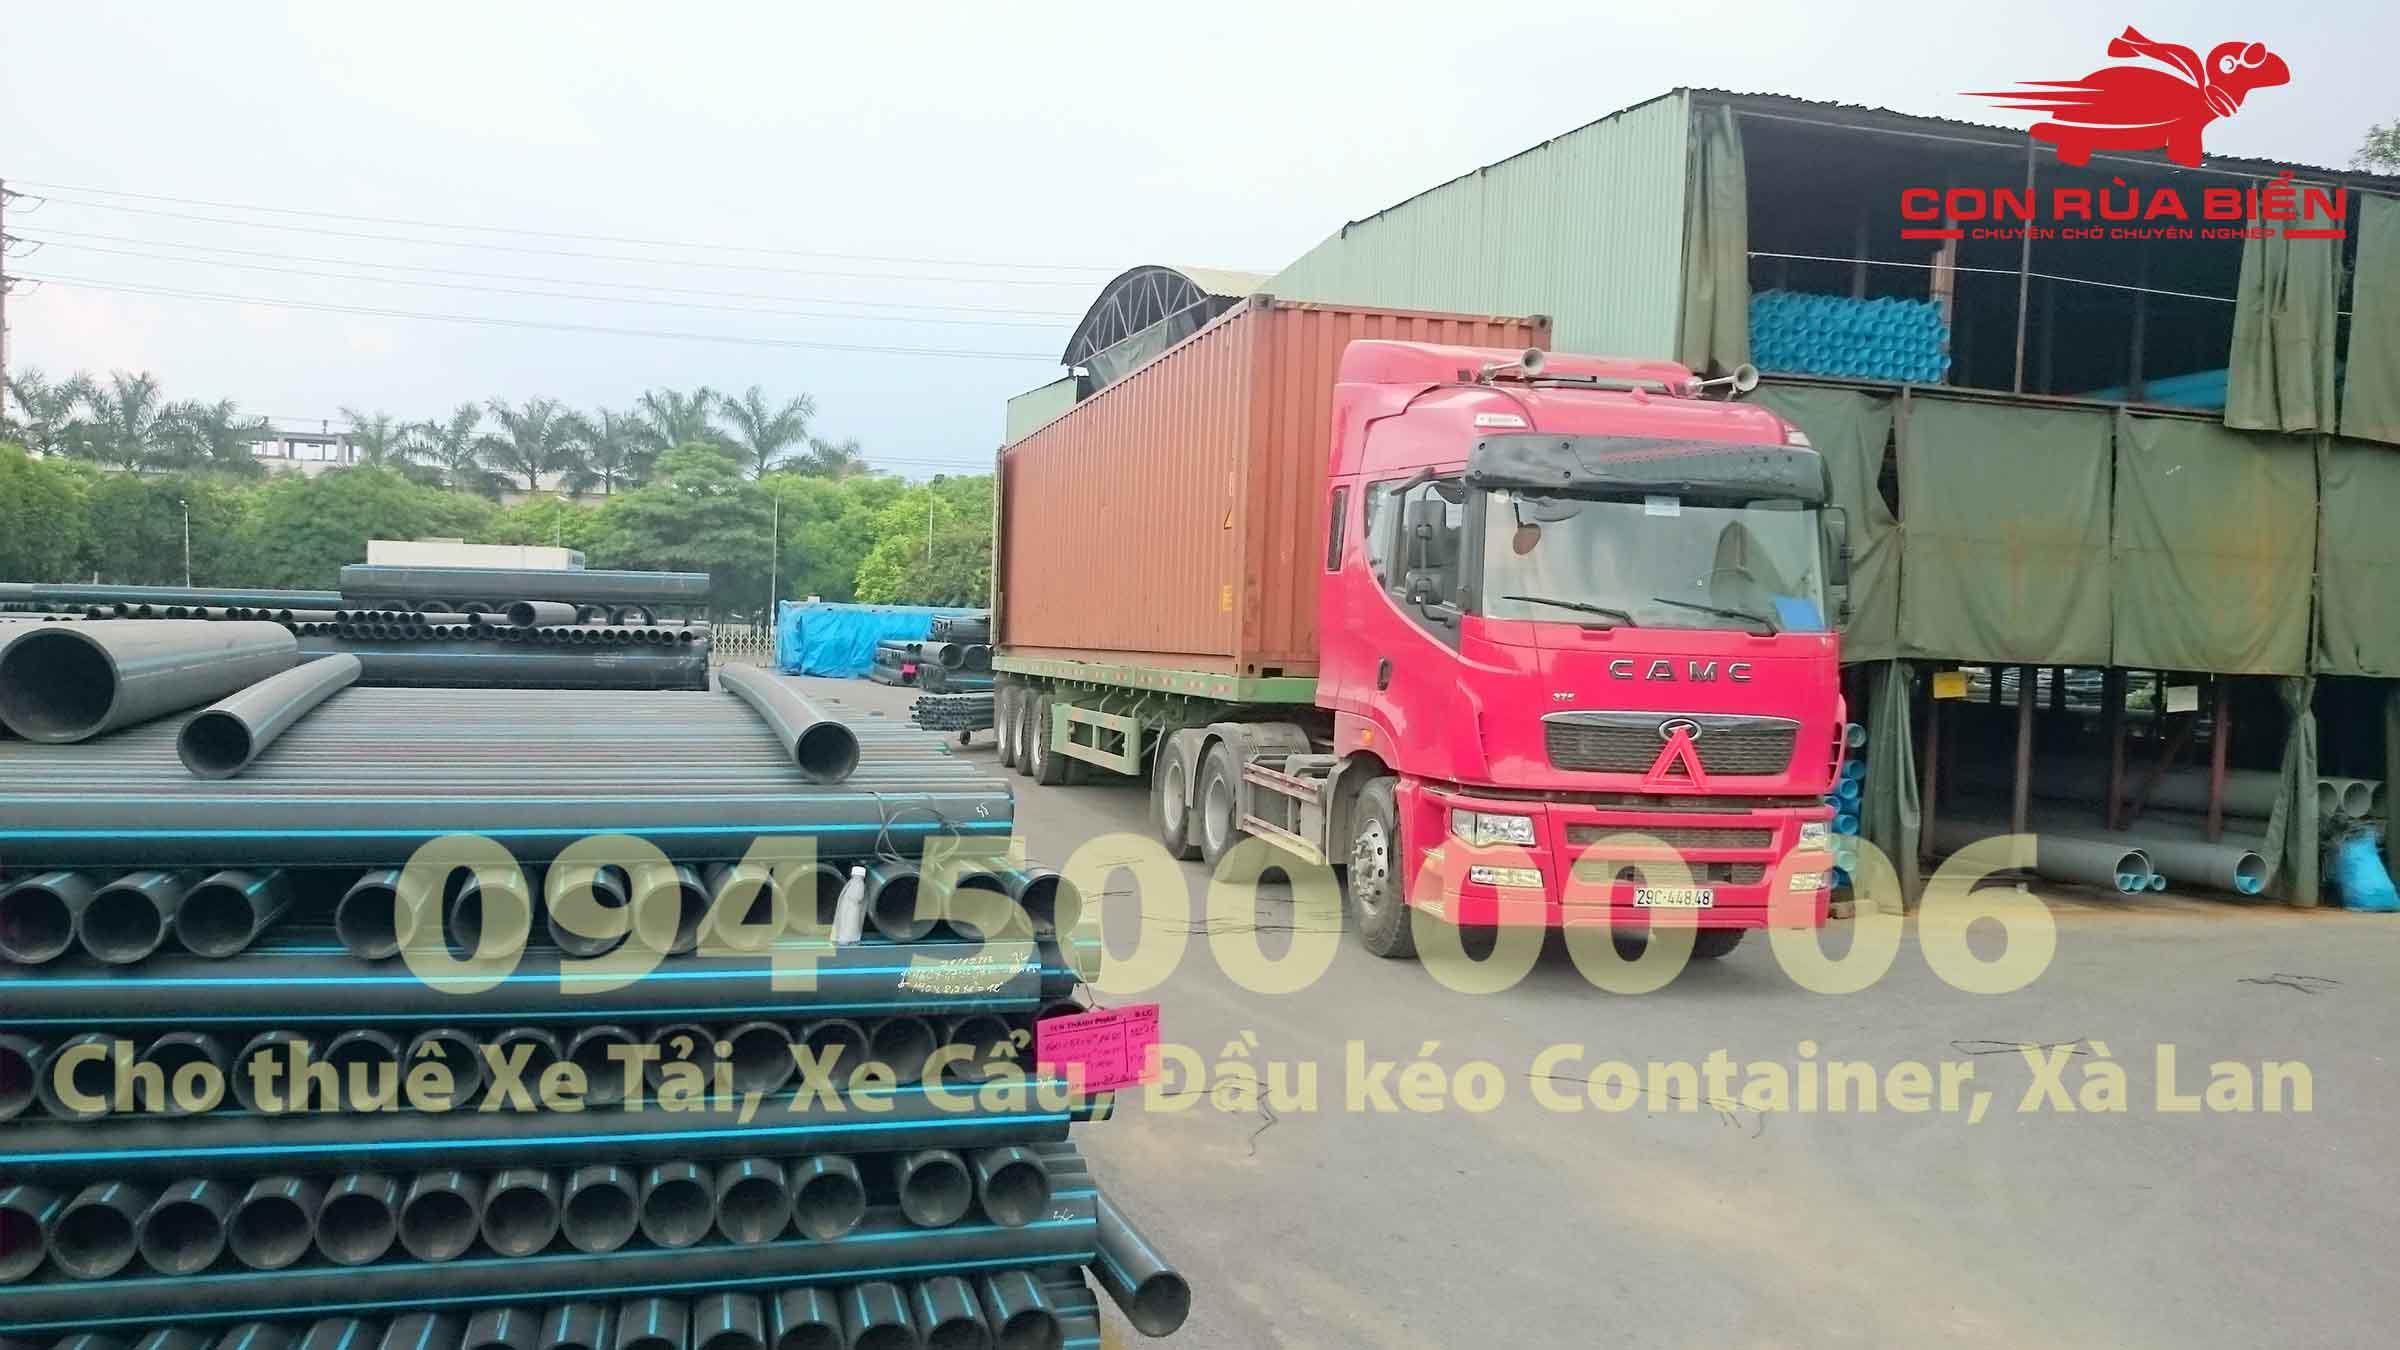 (Ảnh Hướng dẫn vận chuyển ống nhựa, chia sẽ kinh nghiệm vận chuyển ống nhựa tại Chành xe Phú Quốc - Con Rùa Biển)